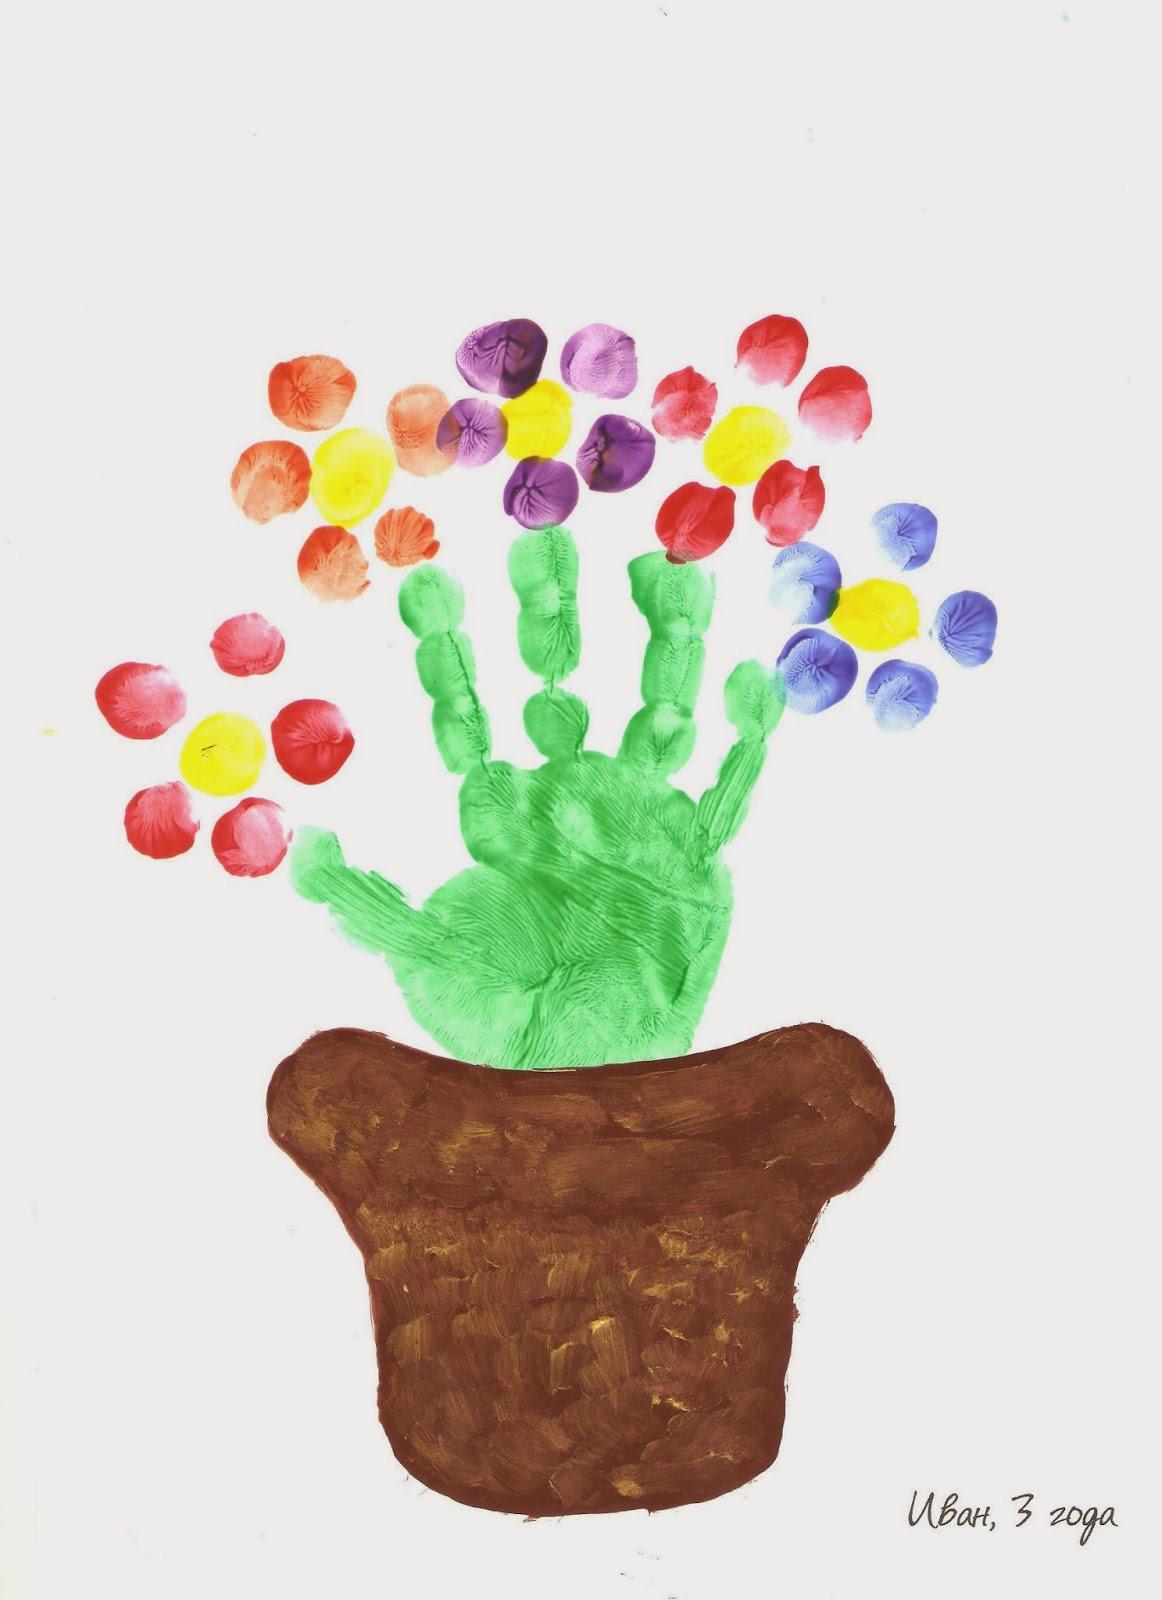 Марта, рисование ладошками для детей 2-3 лет картинки